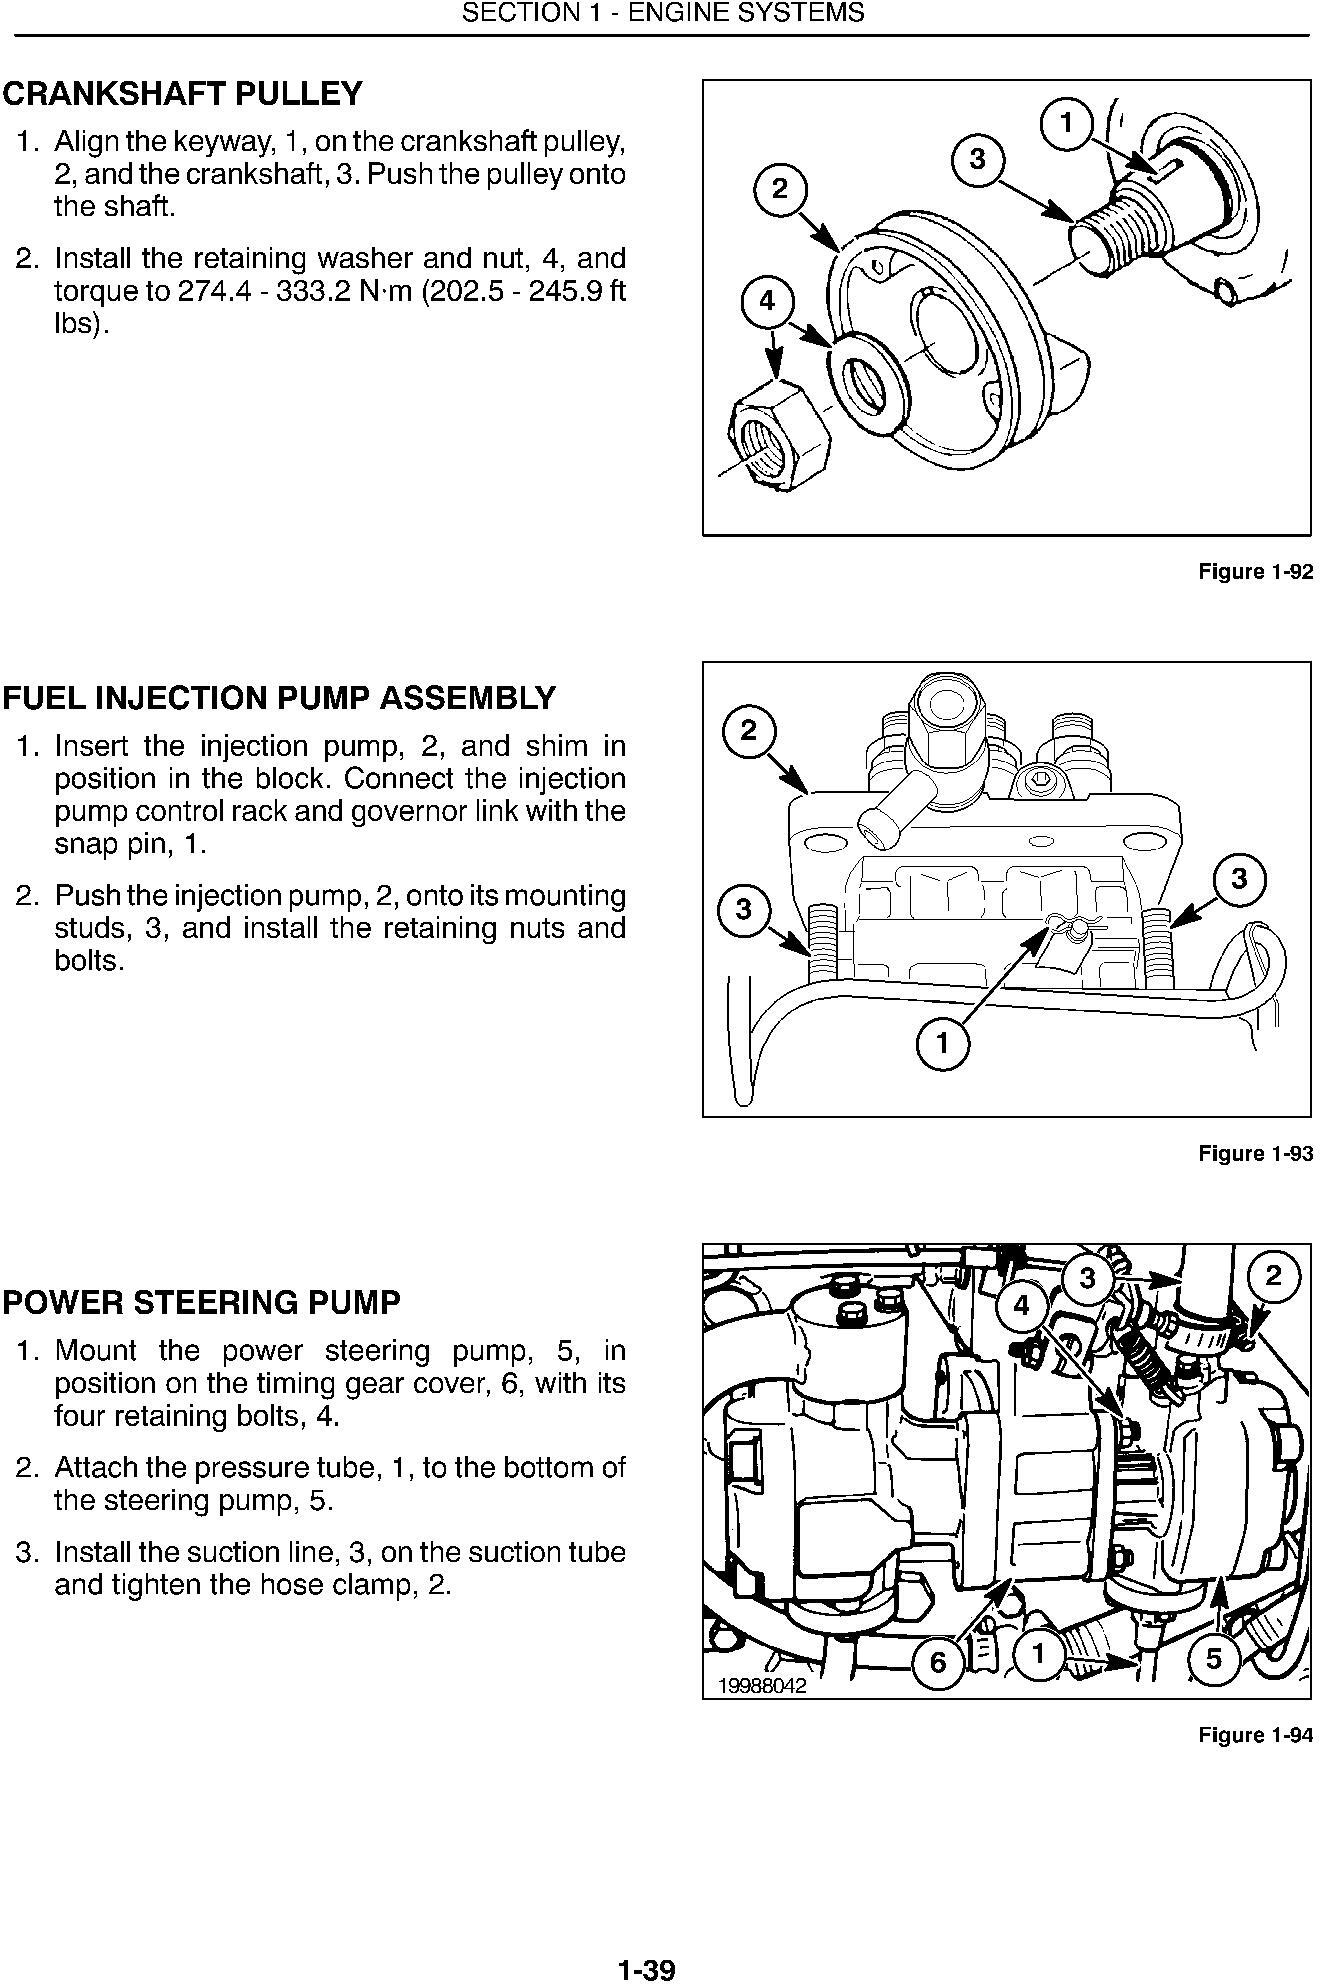 New Holland 1530, 1630, 1725, 1925, TC25, TC25D, TC29, TC29D, TC33, TC33D Tractors Service Manual - 2